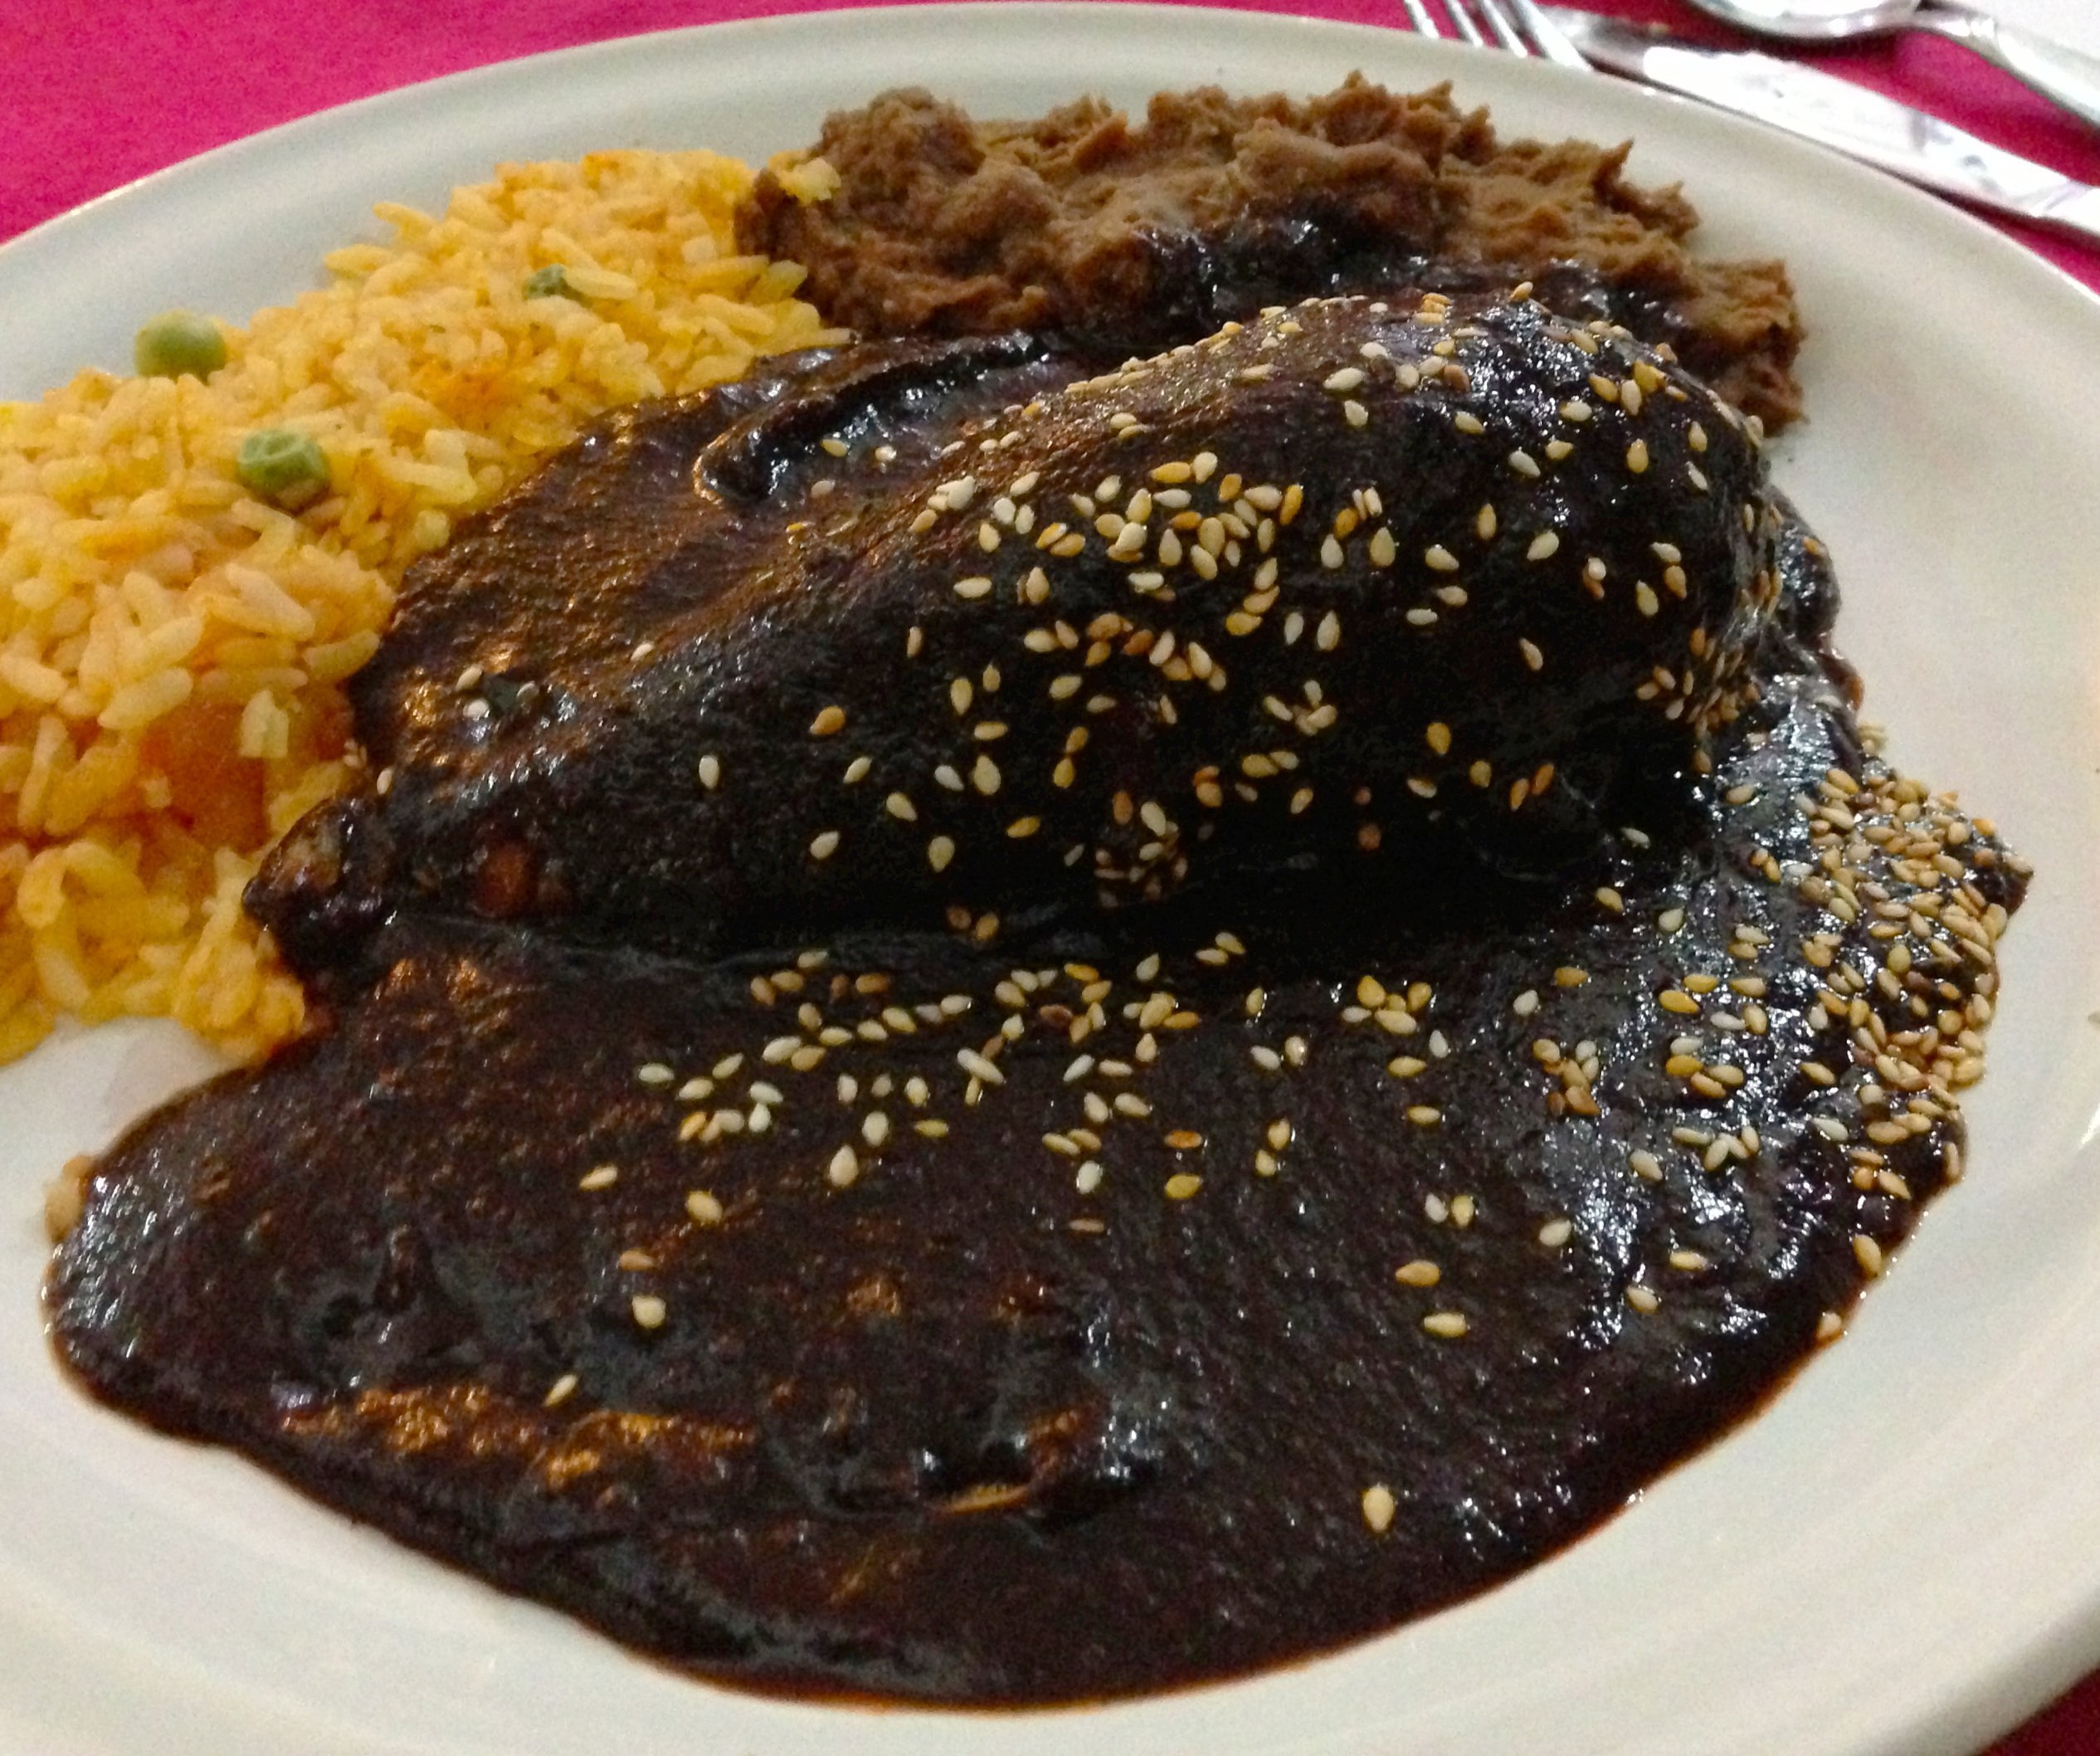 Mole, comida típica mexicana